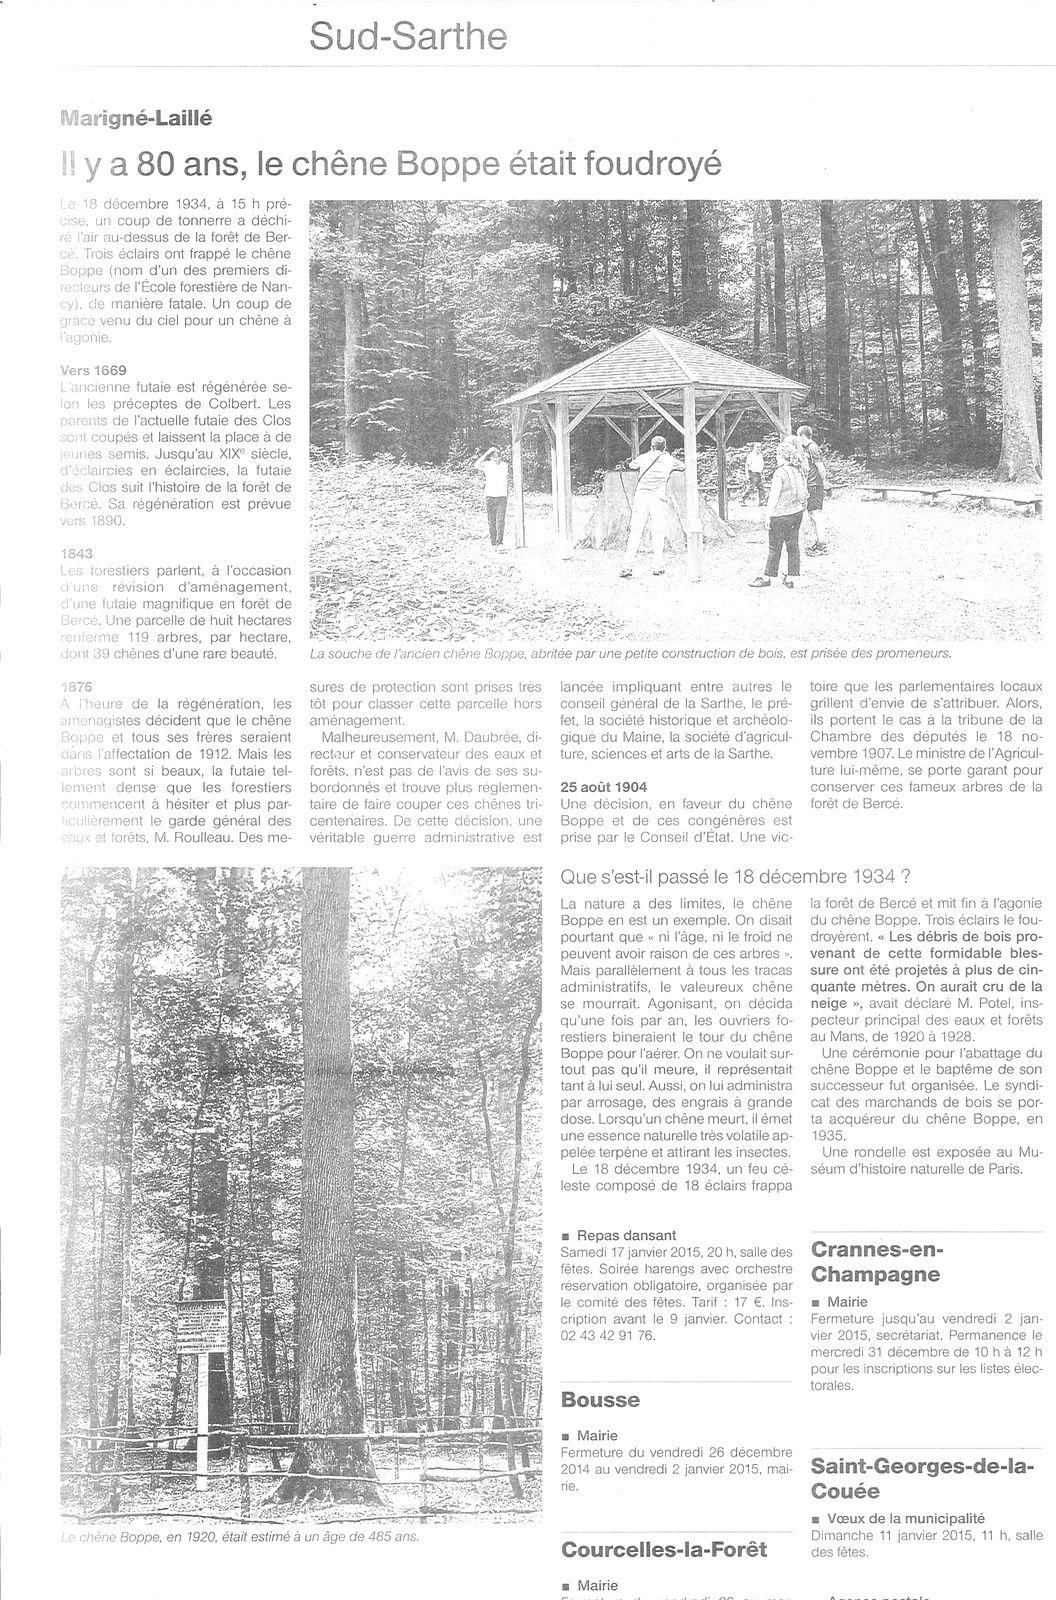 Il y a 80 ans le chêne Boppe était foudroyé